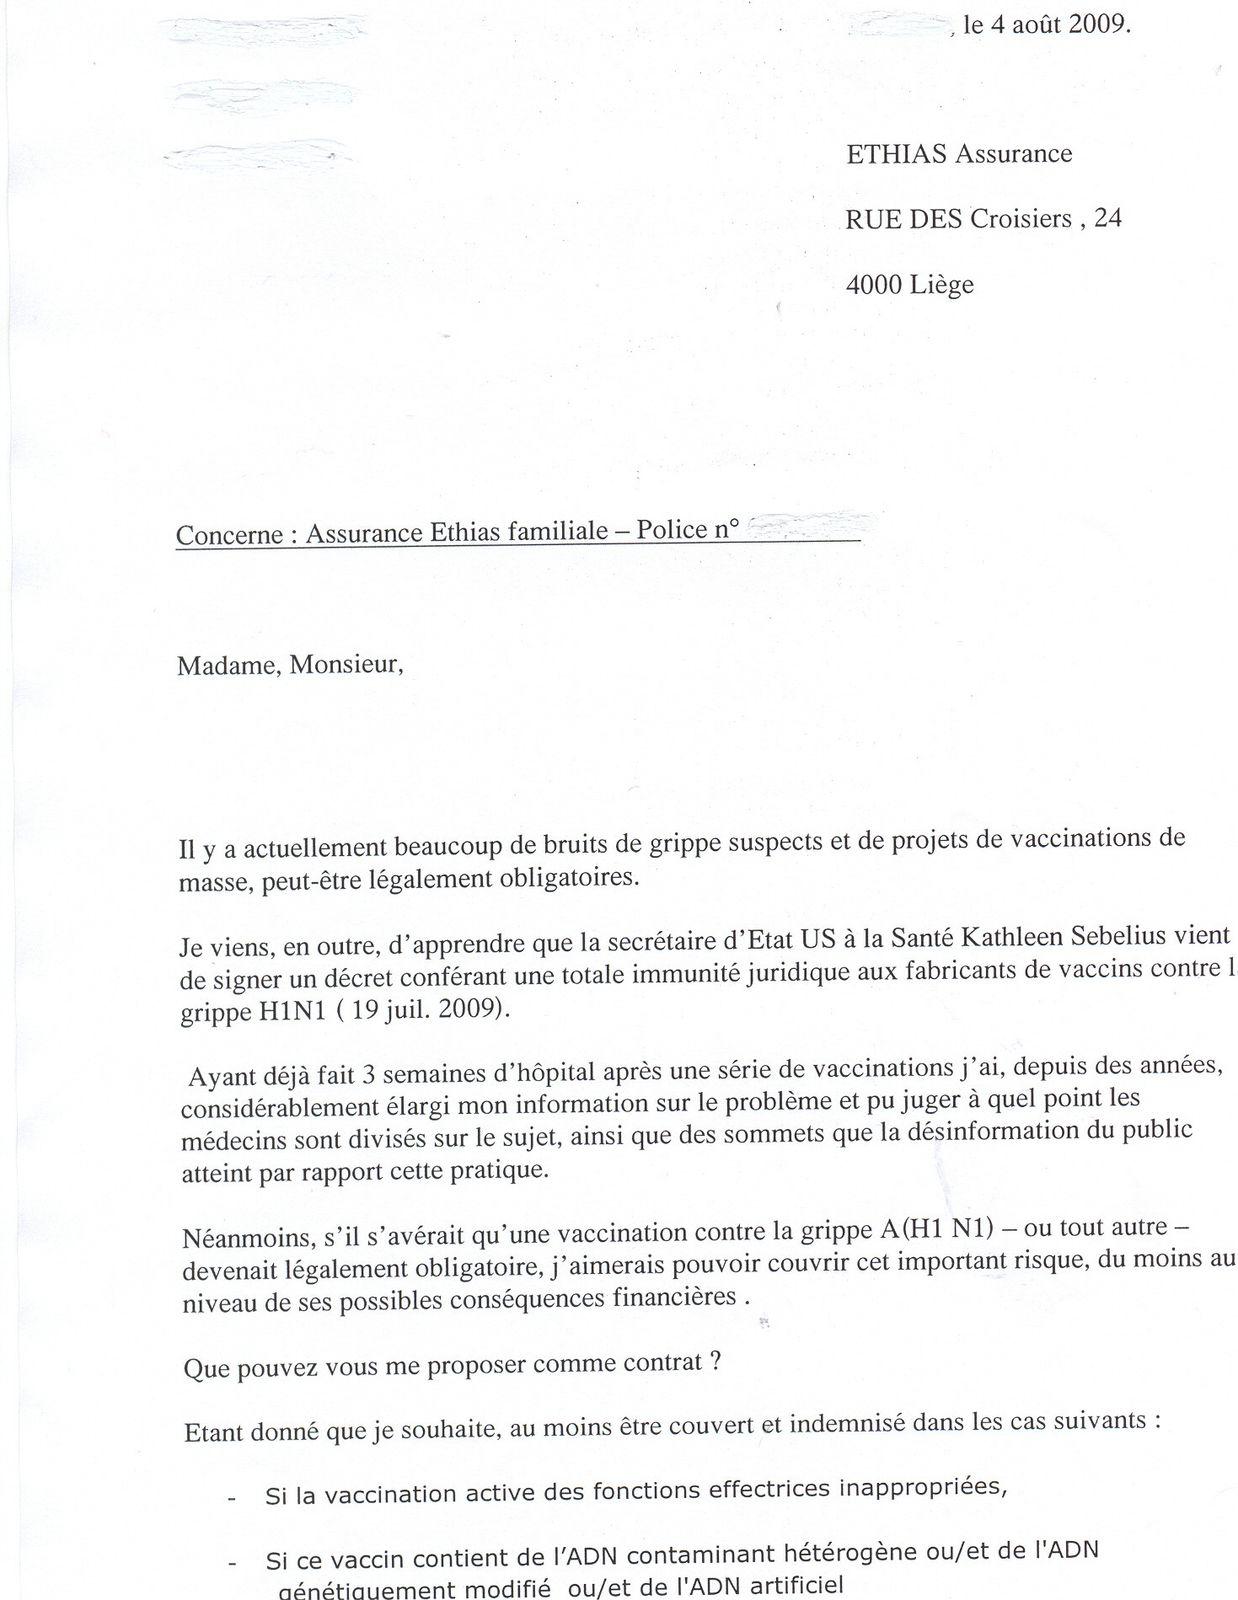 Ebook Lettre Type Demande De Lots Pour Loto